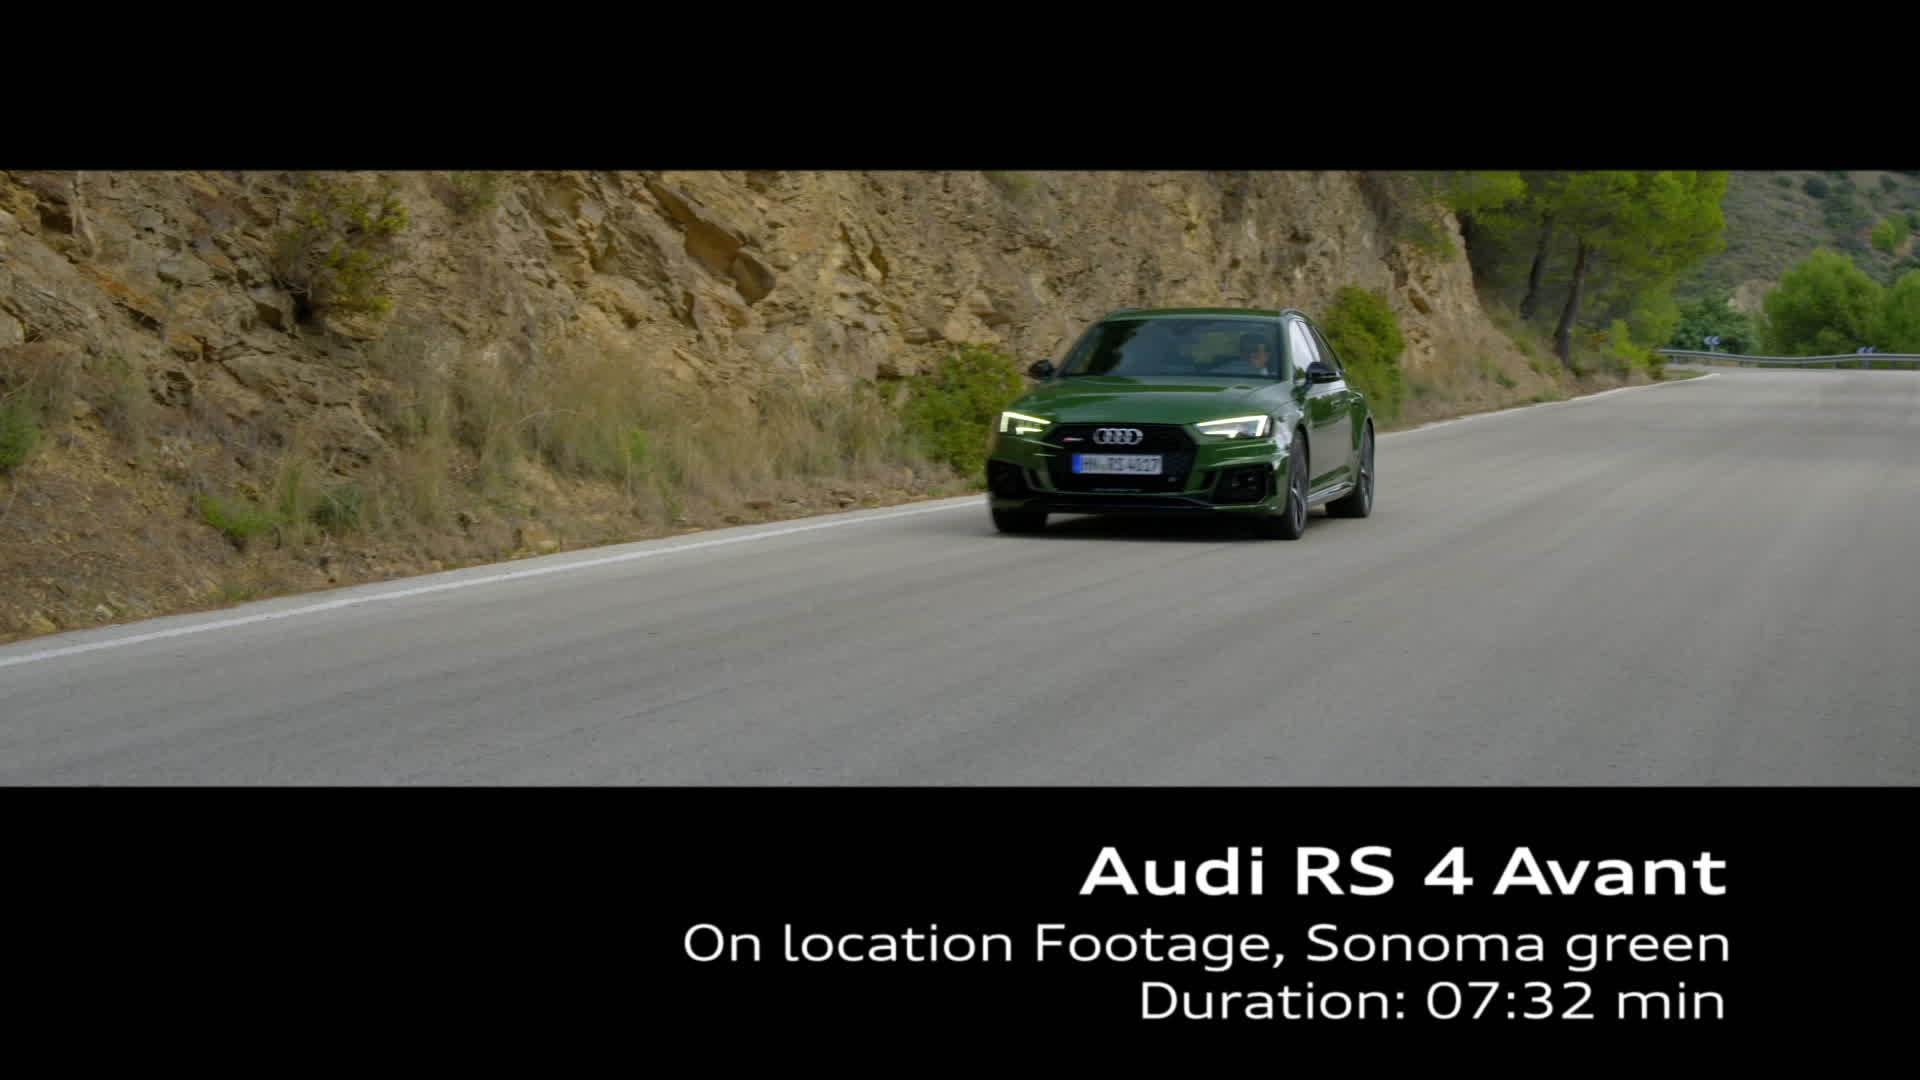 Audi RS 4 (2017) Footage on Location - Sonomagrün